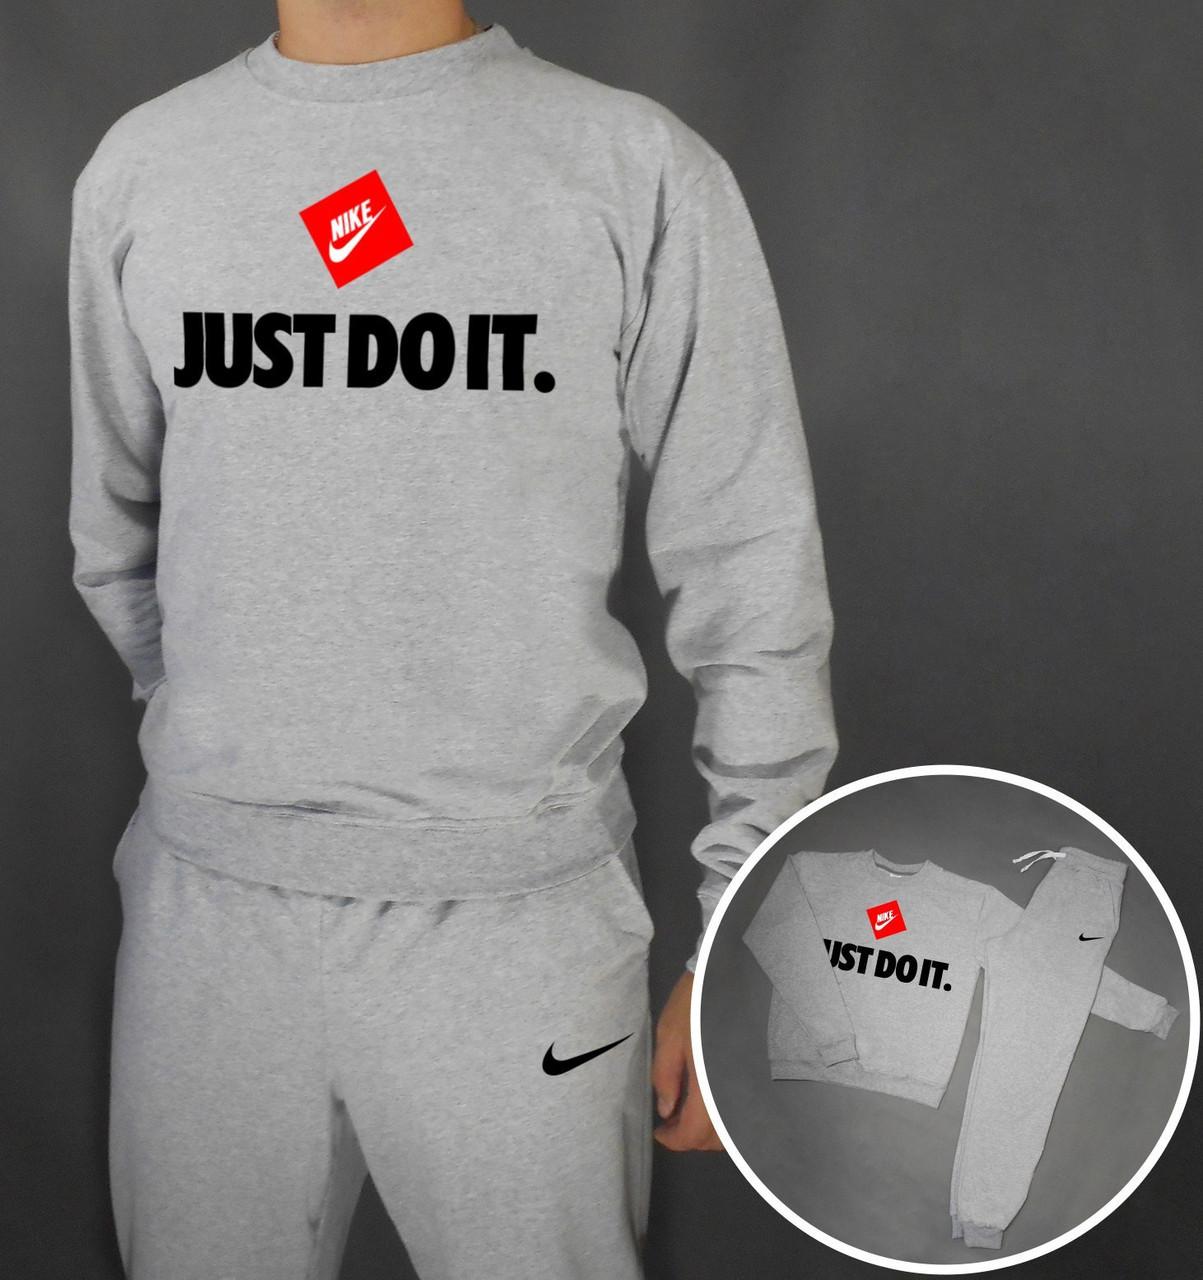 Мужской спортивный костюм Nike серый топ реплика - Интернет-магазин обуви и  одежды KedON в 85af0a6deca